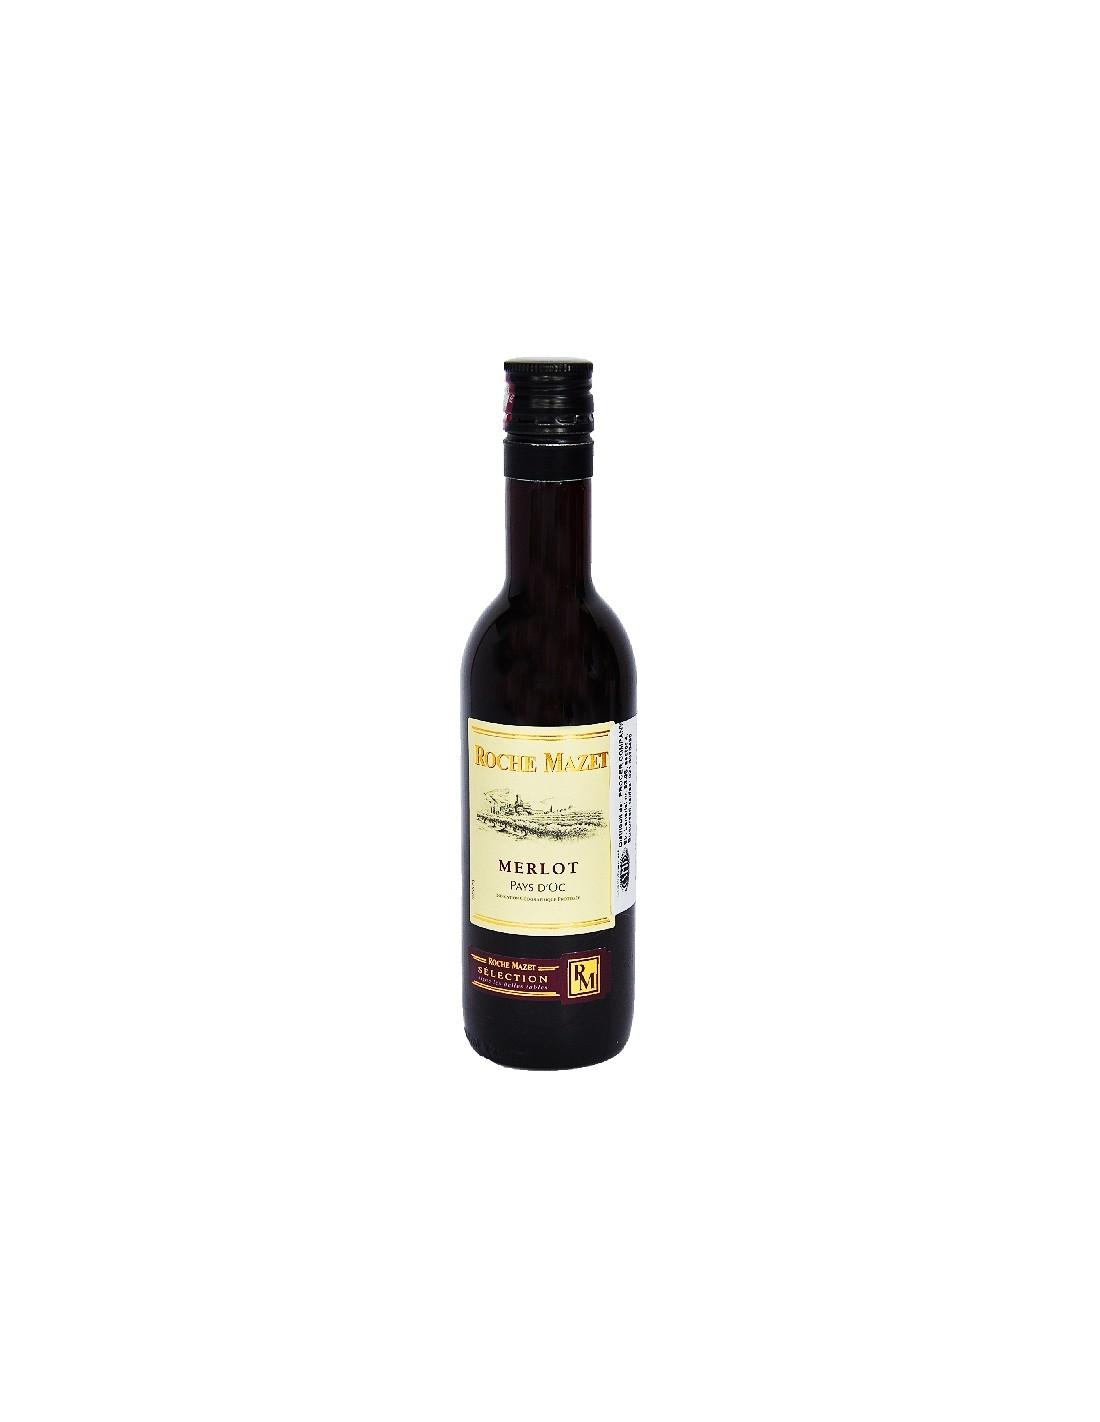 Vin rosu, Merlot, Roche Mazet Pays dOc, 12.5% alc., 0.187L, Franta